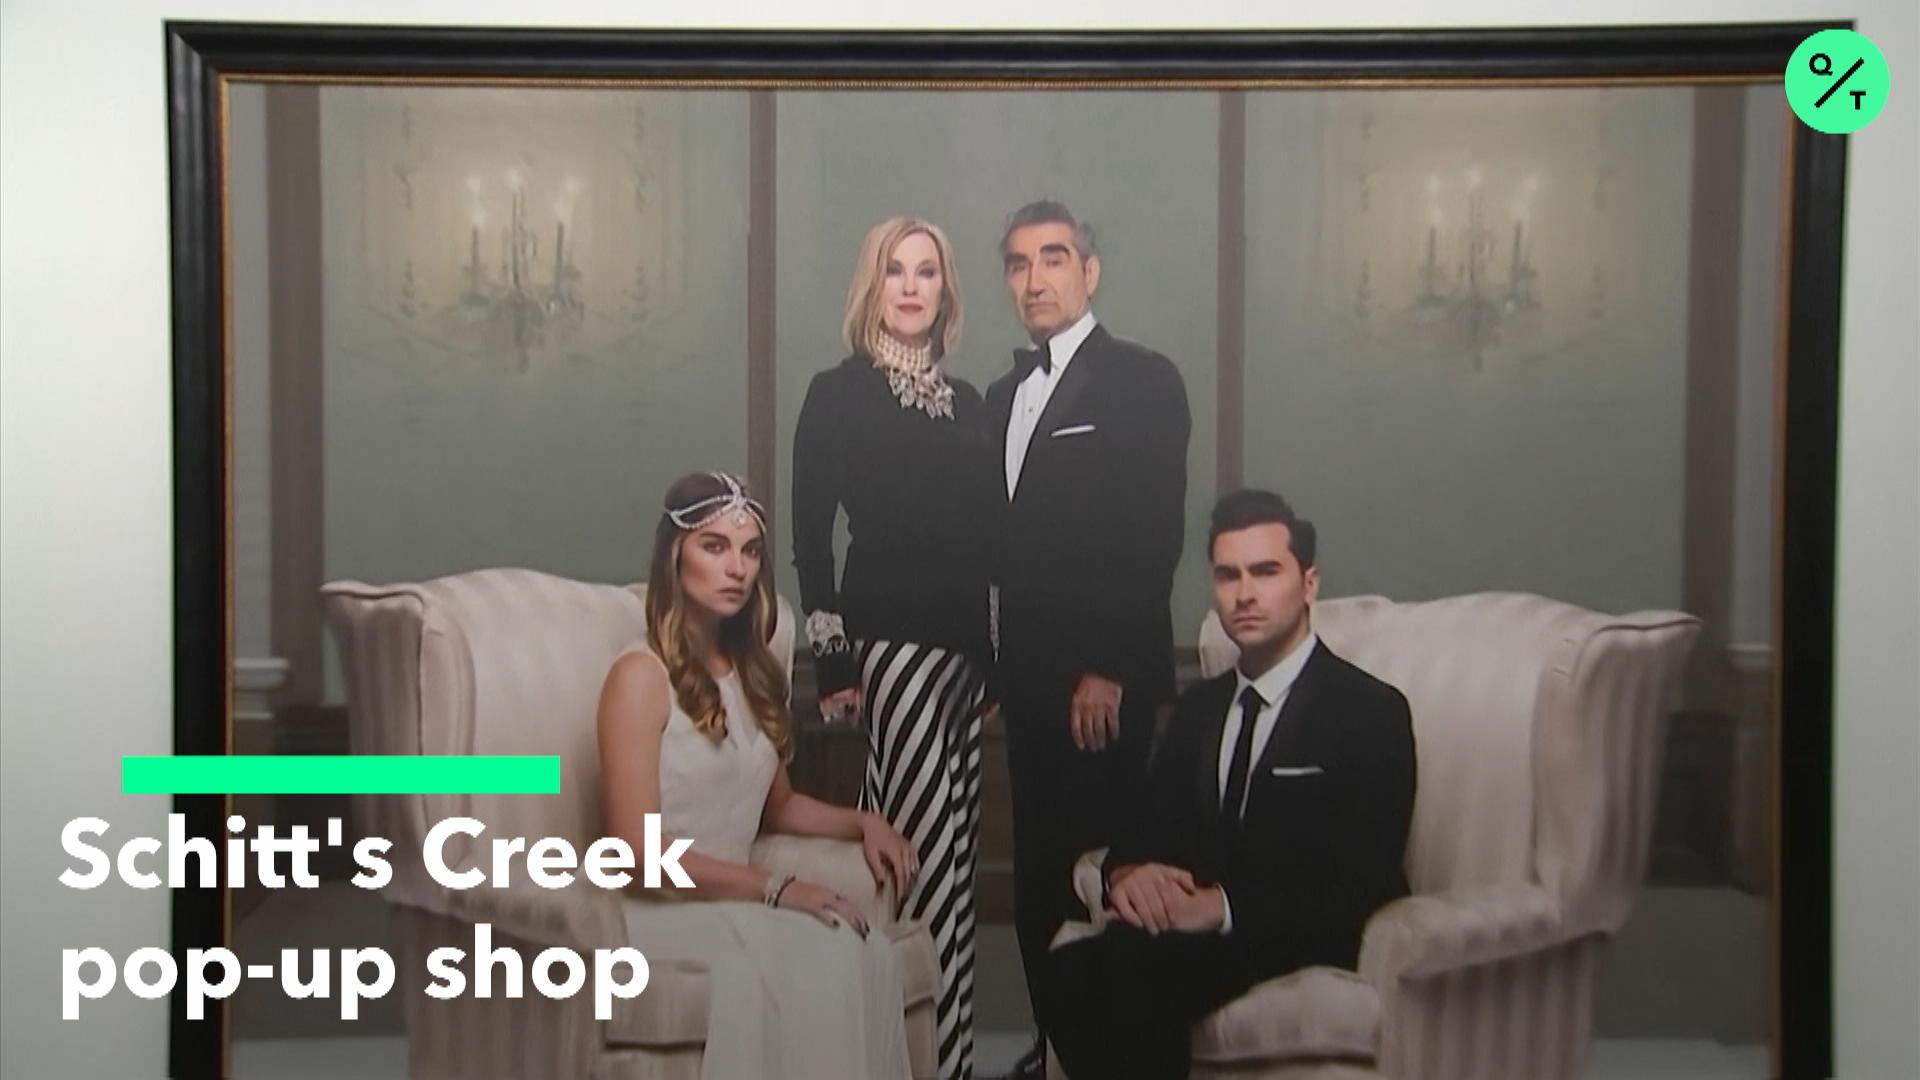 Schitt's Creek Pop-Up Shop